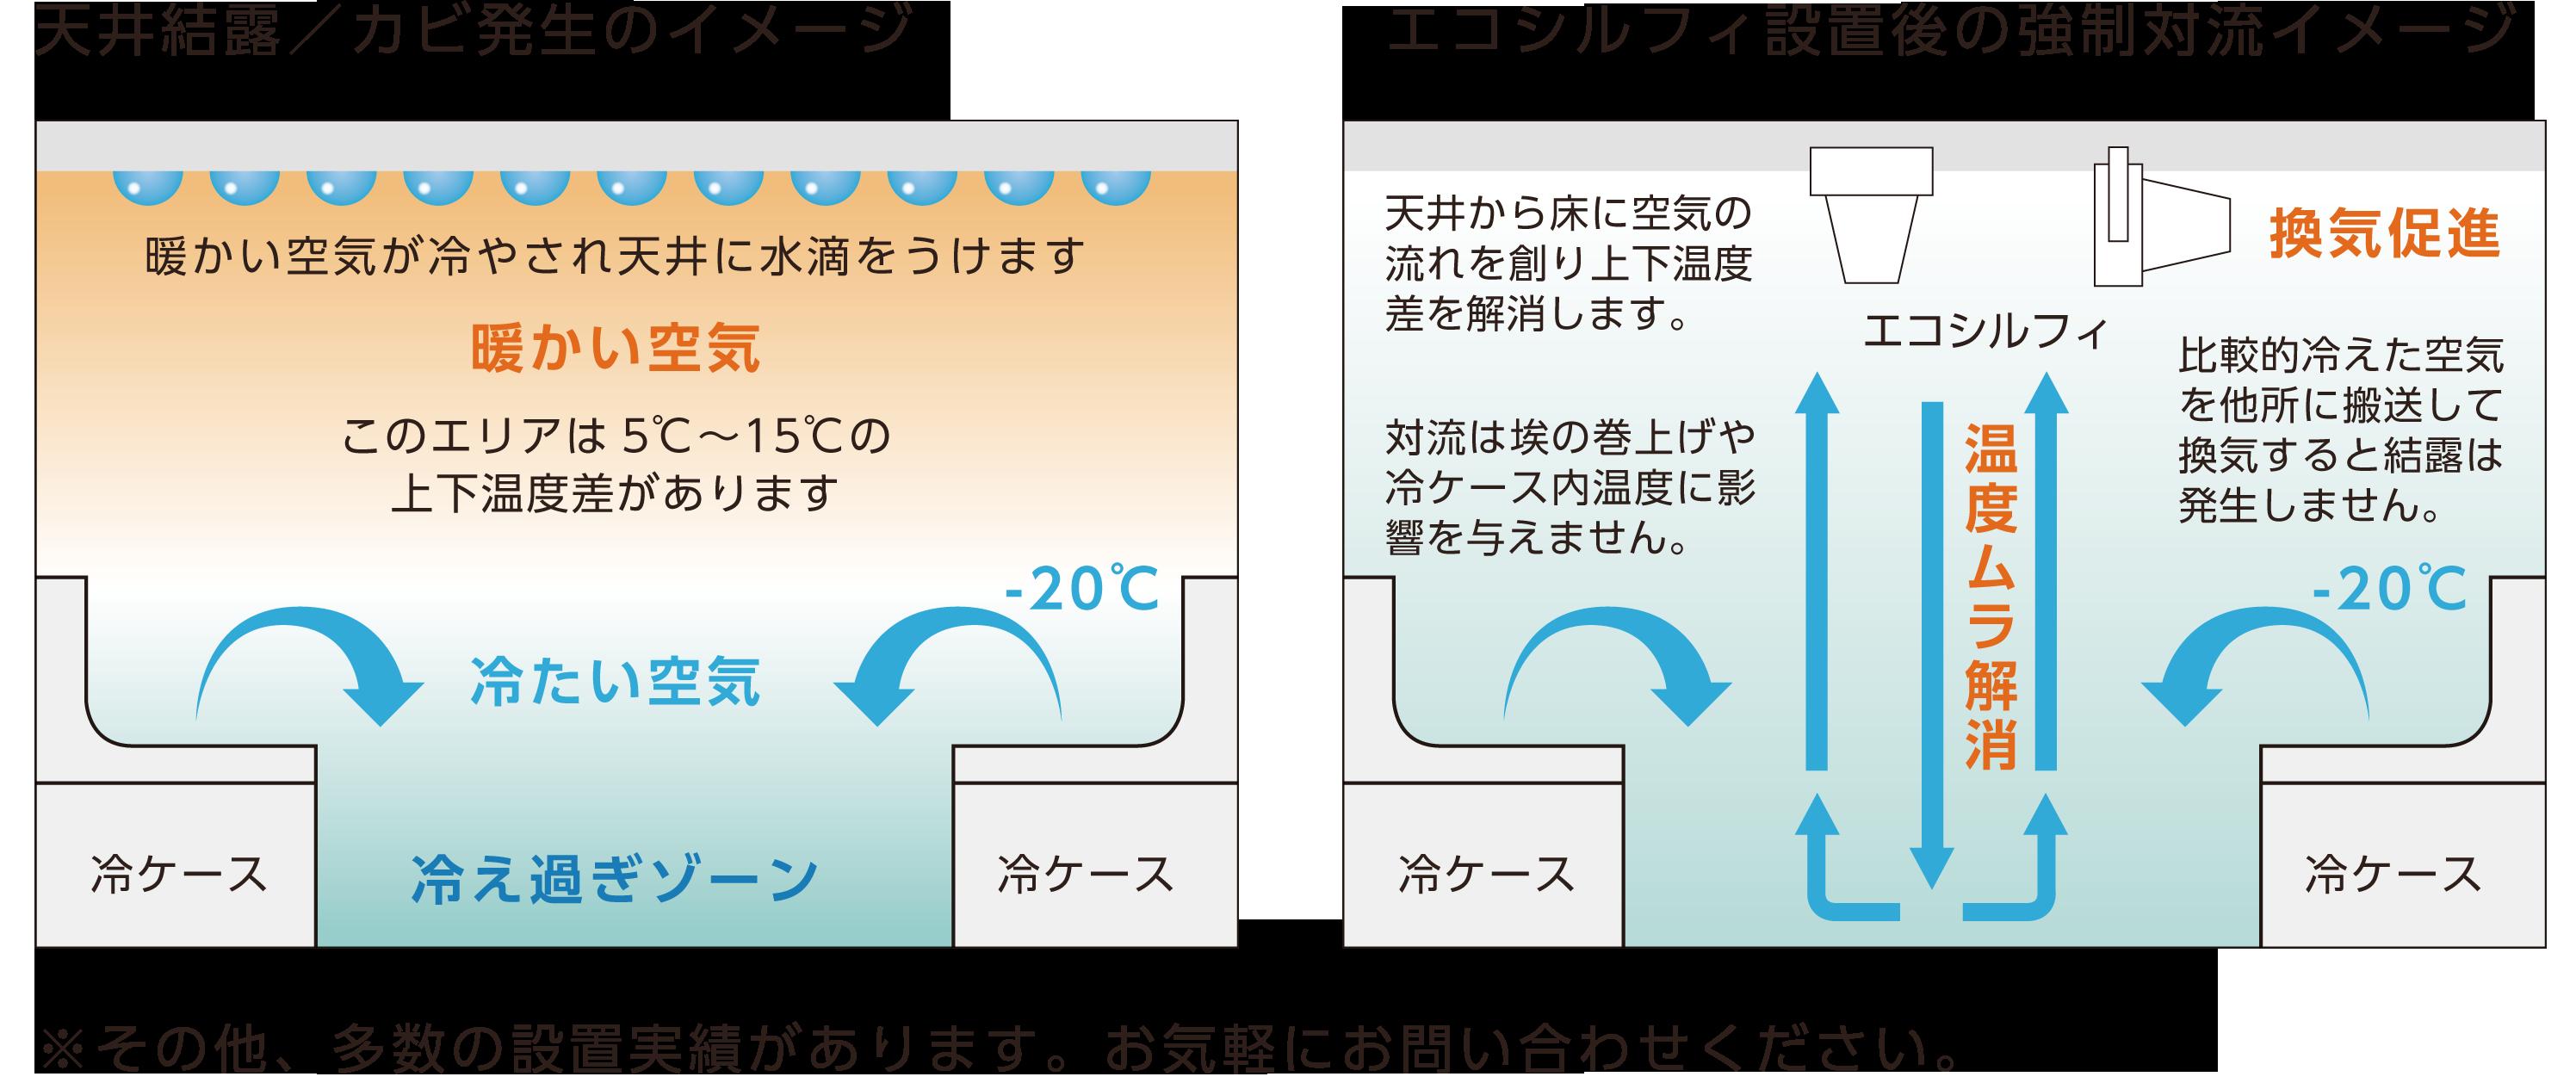 結露/カビ発生・エコシルフィ設置後のイメージ